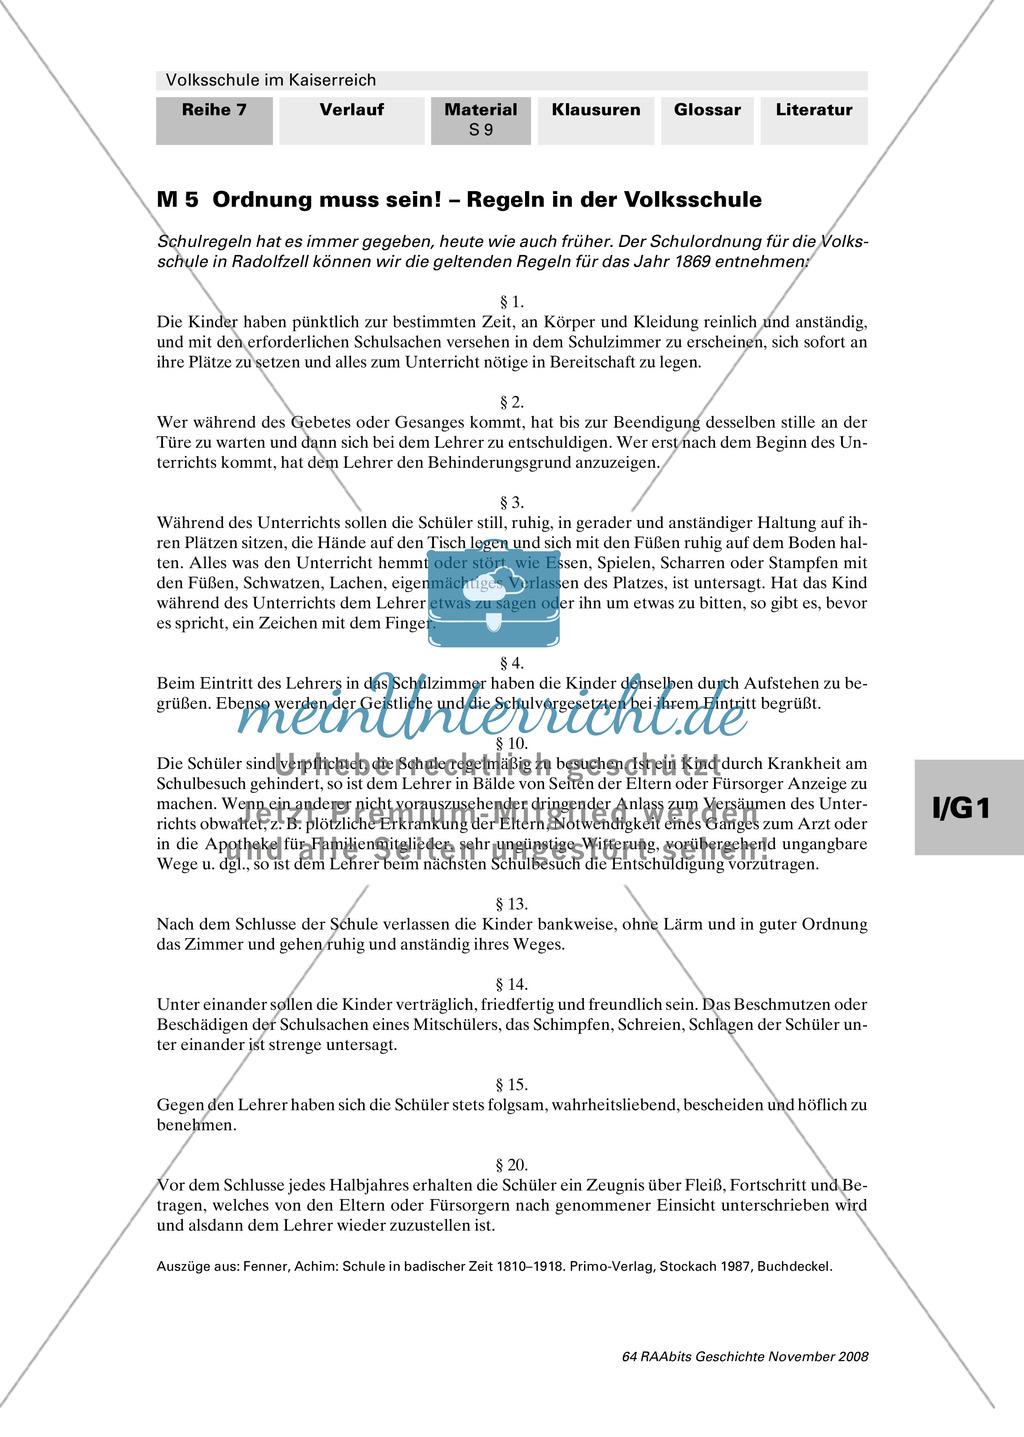 Volksschule im Kaiserreich: Gruppenarbeit zu Aspekten der Volksschule wie Disziplin, Regeln, Strafen, Stundenplan, Lehrerverhalten Preview 7